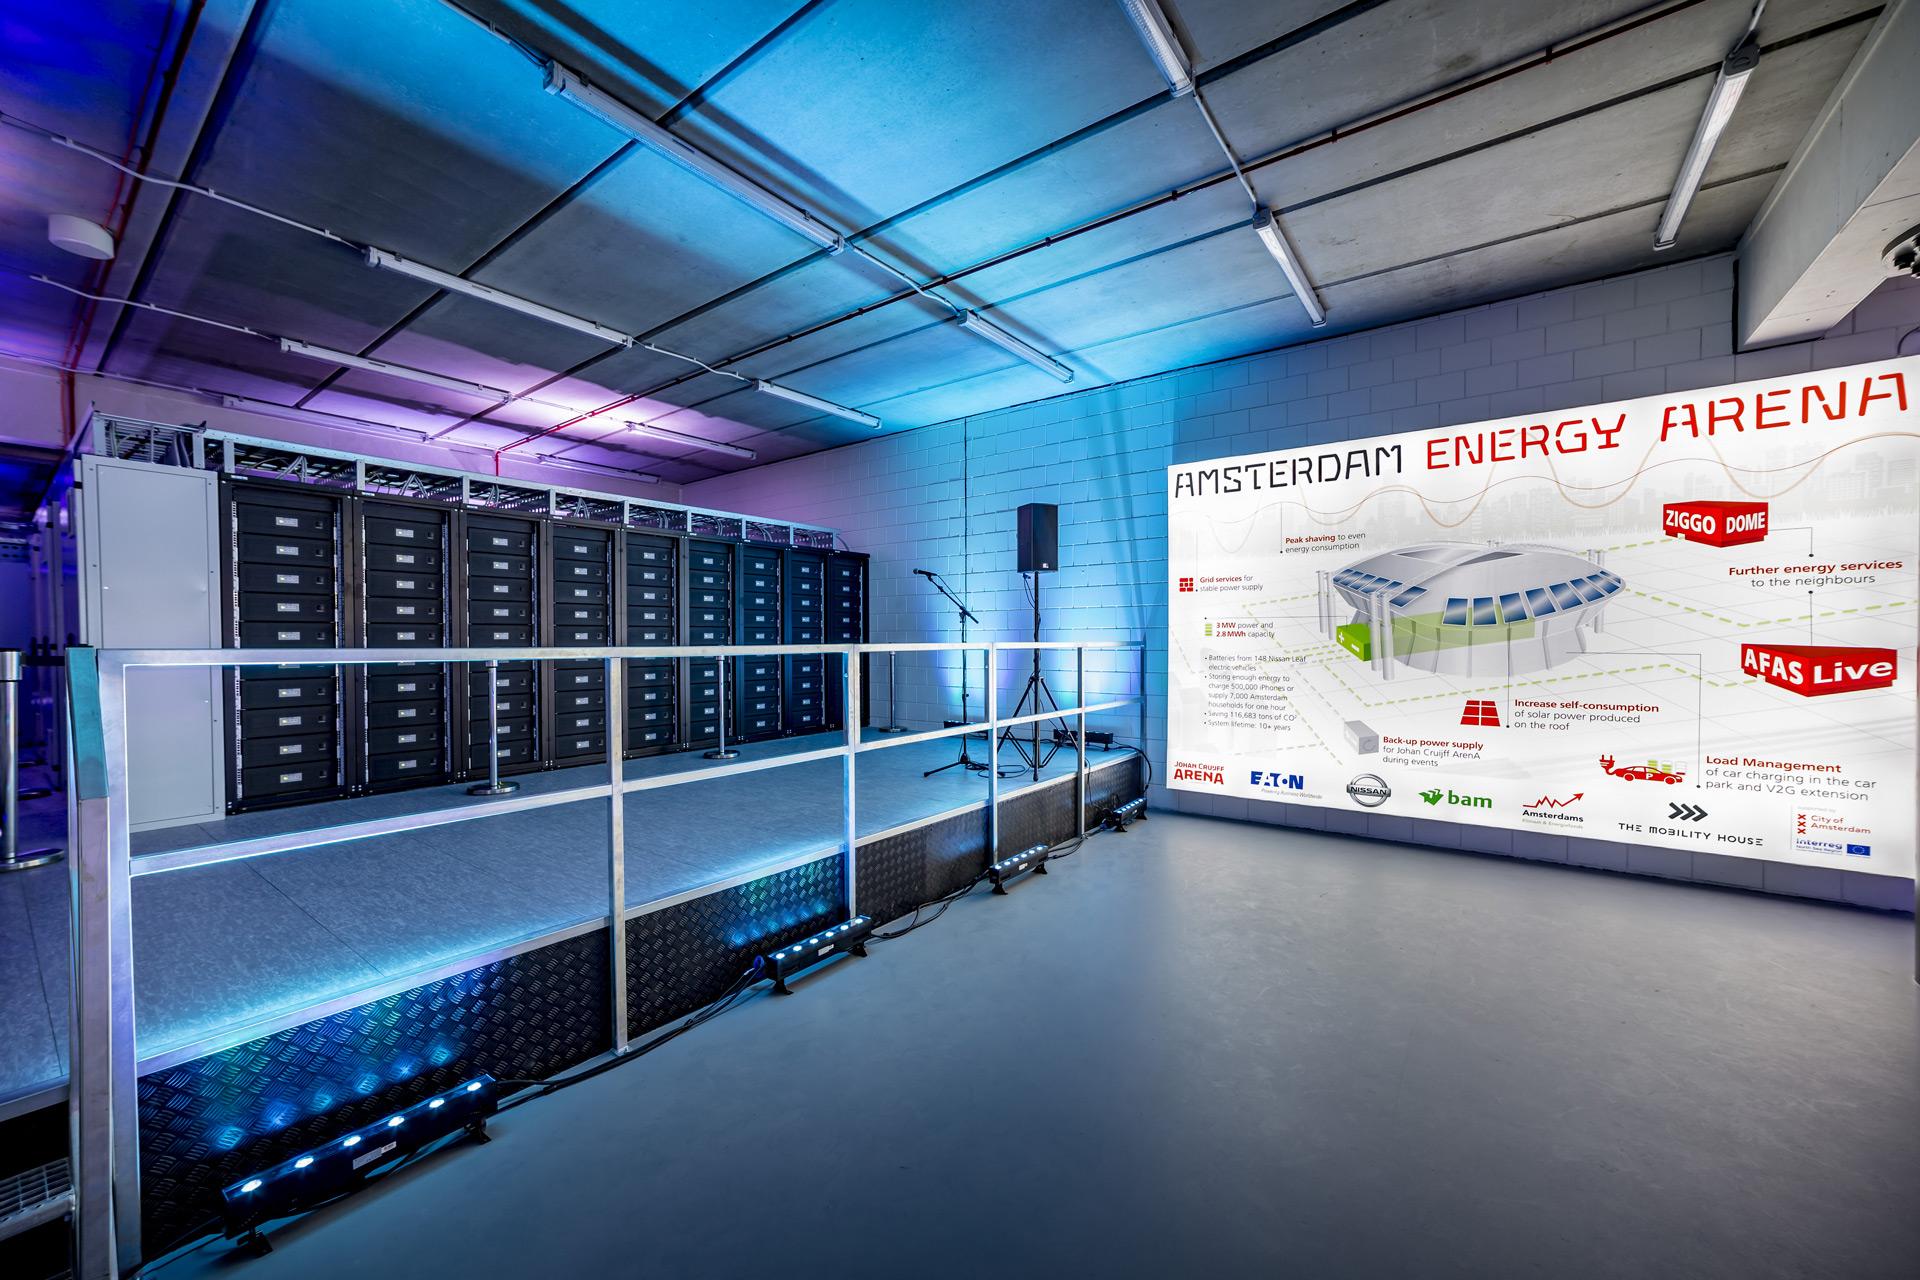 На стадионе Amsterdam ArenA запущена крупнейшая в Европе энергетическая экосистема